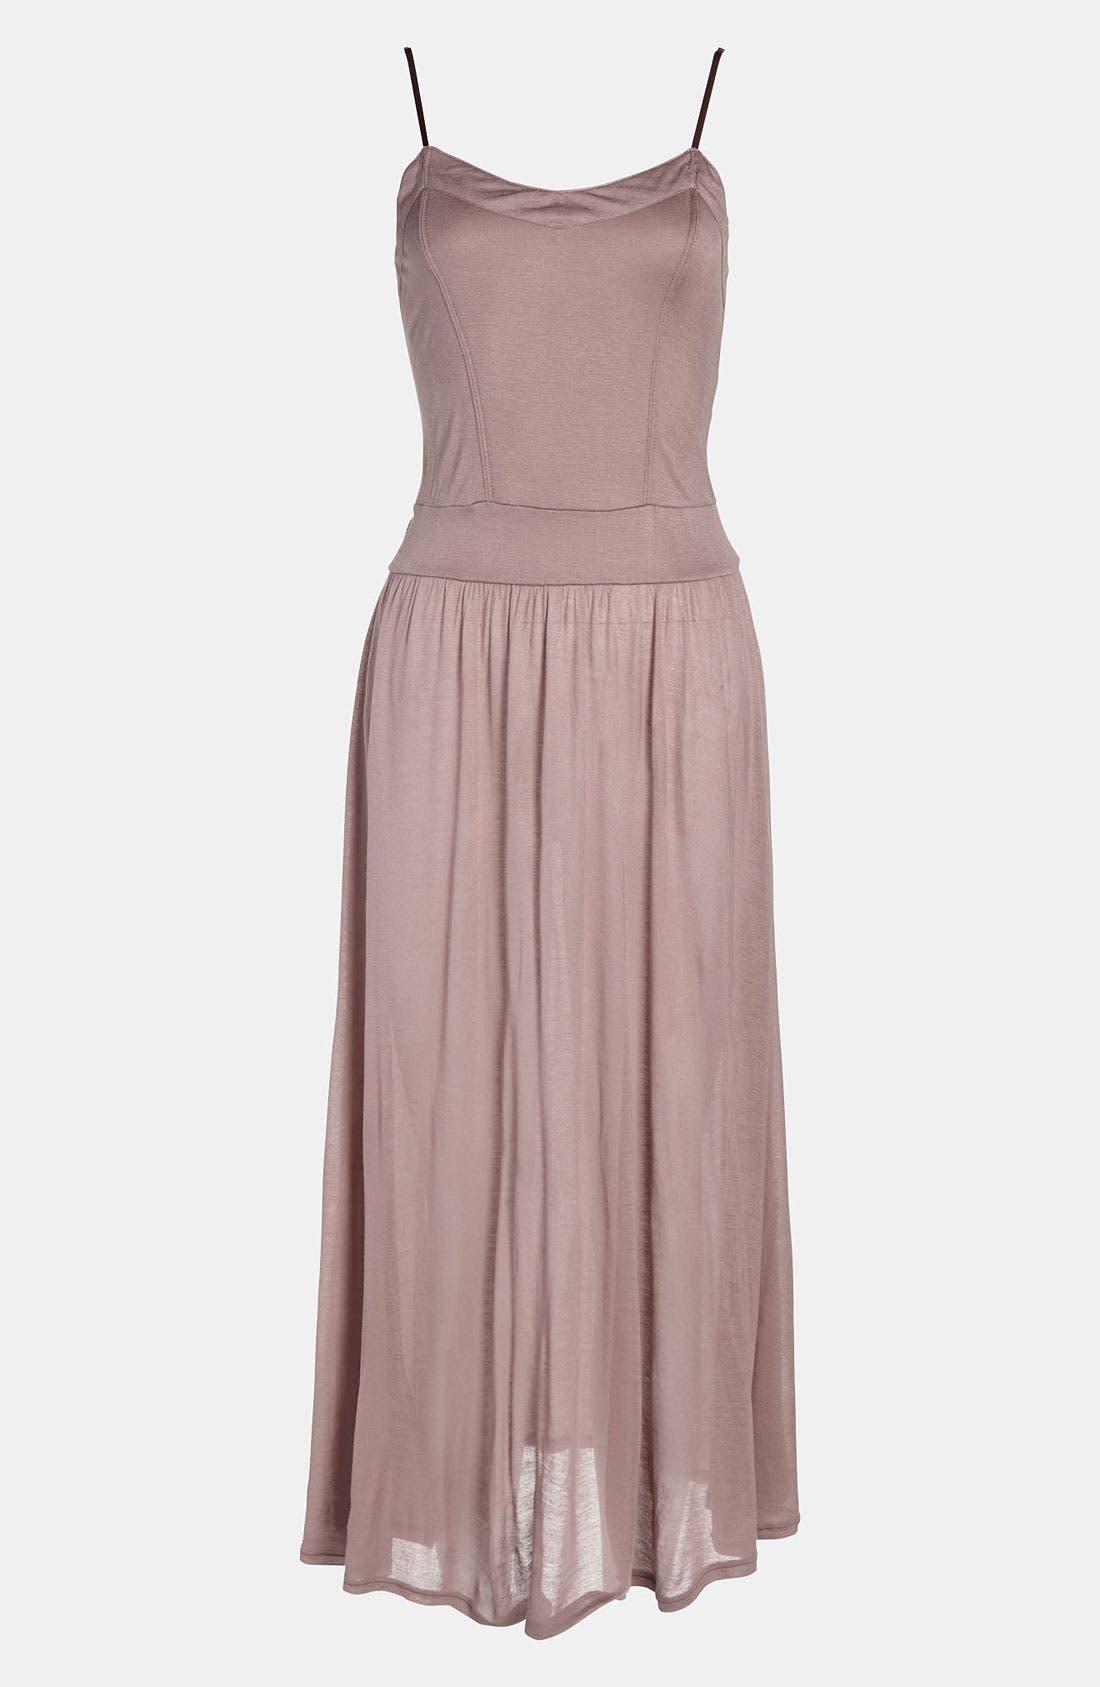 Main Image - Tildon Sheer Knit Slip Dress